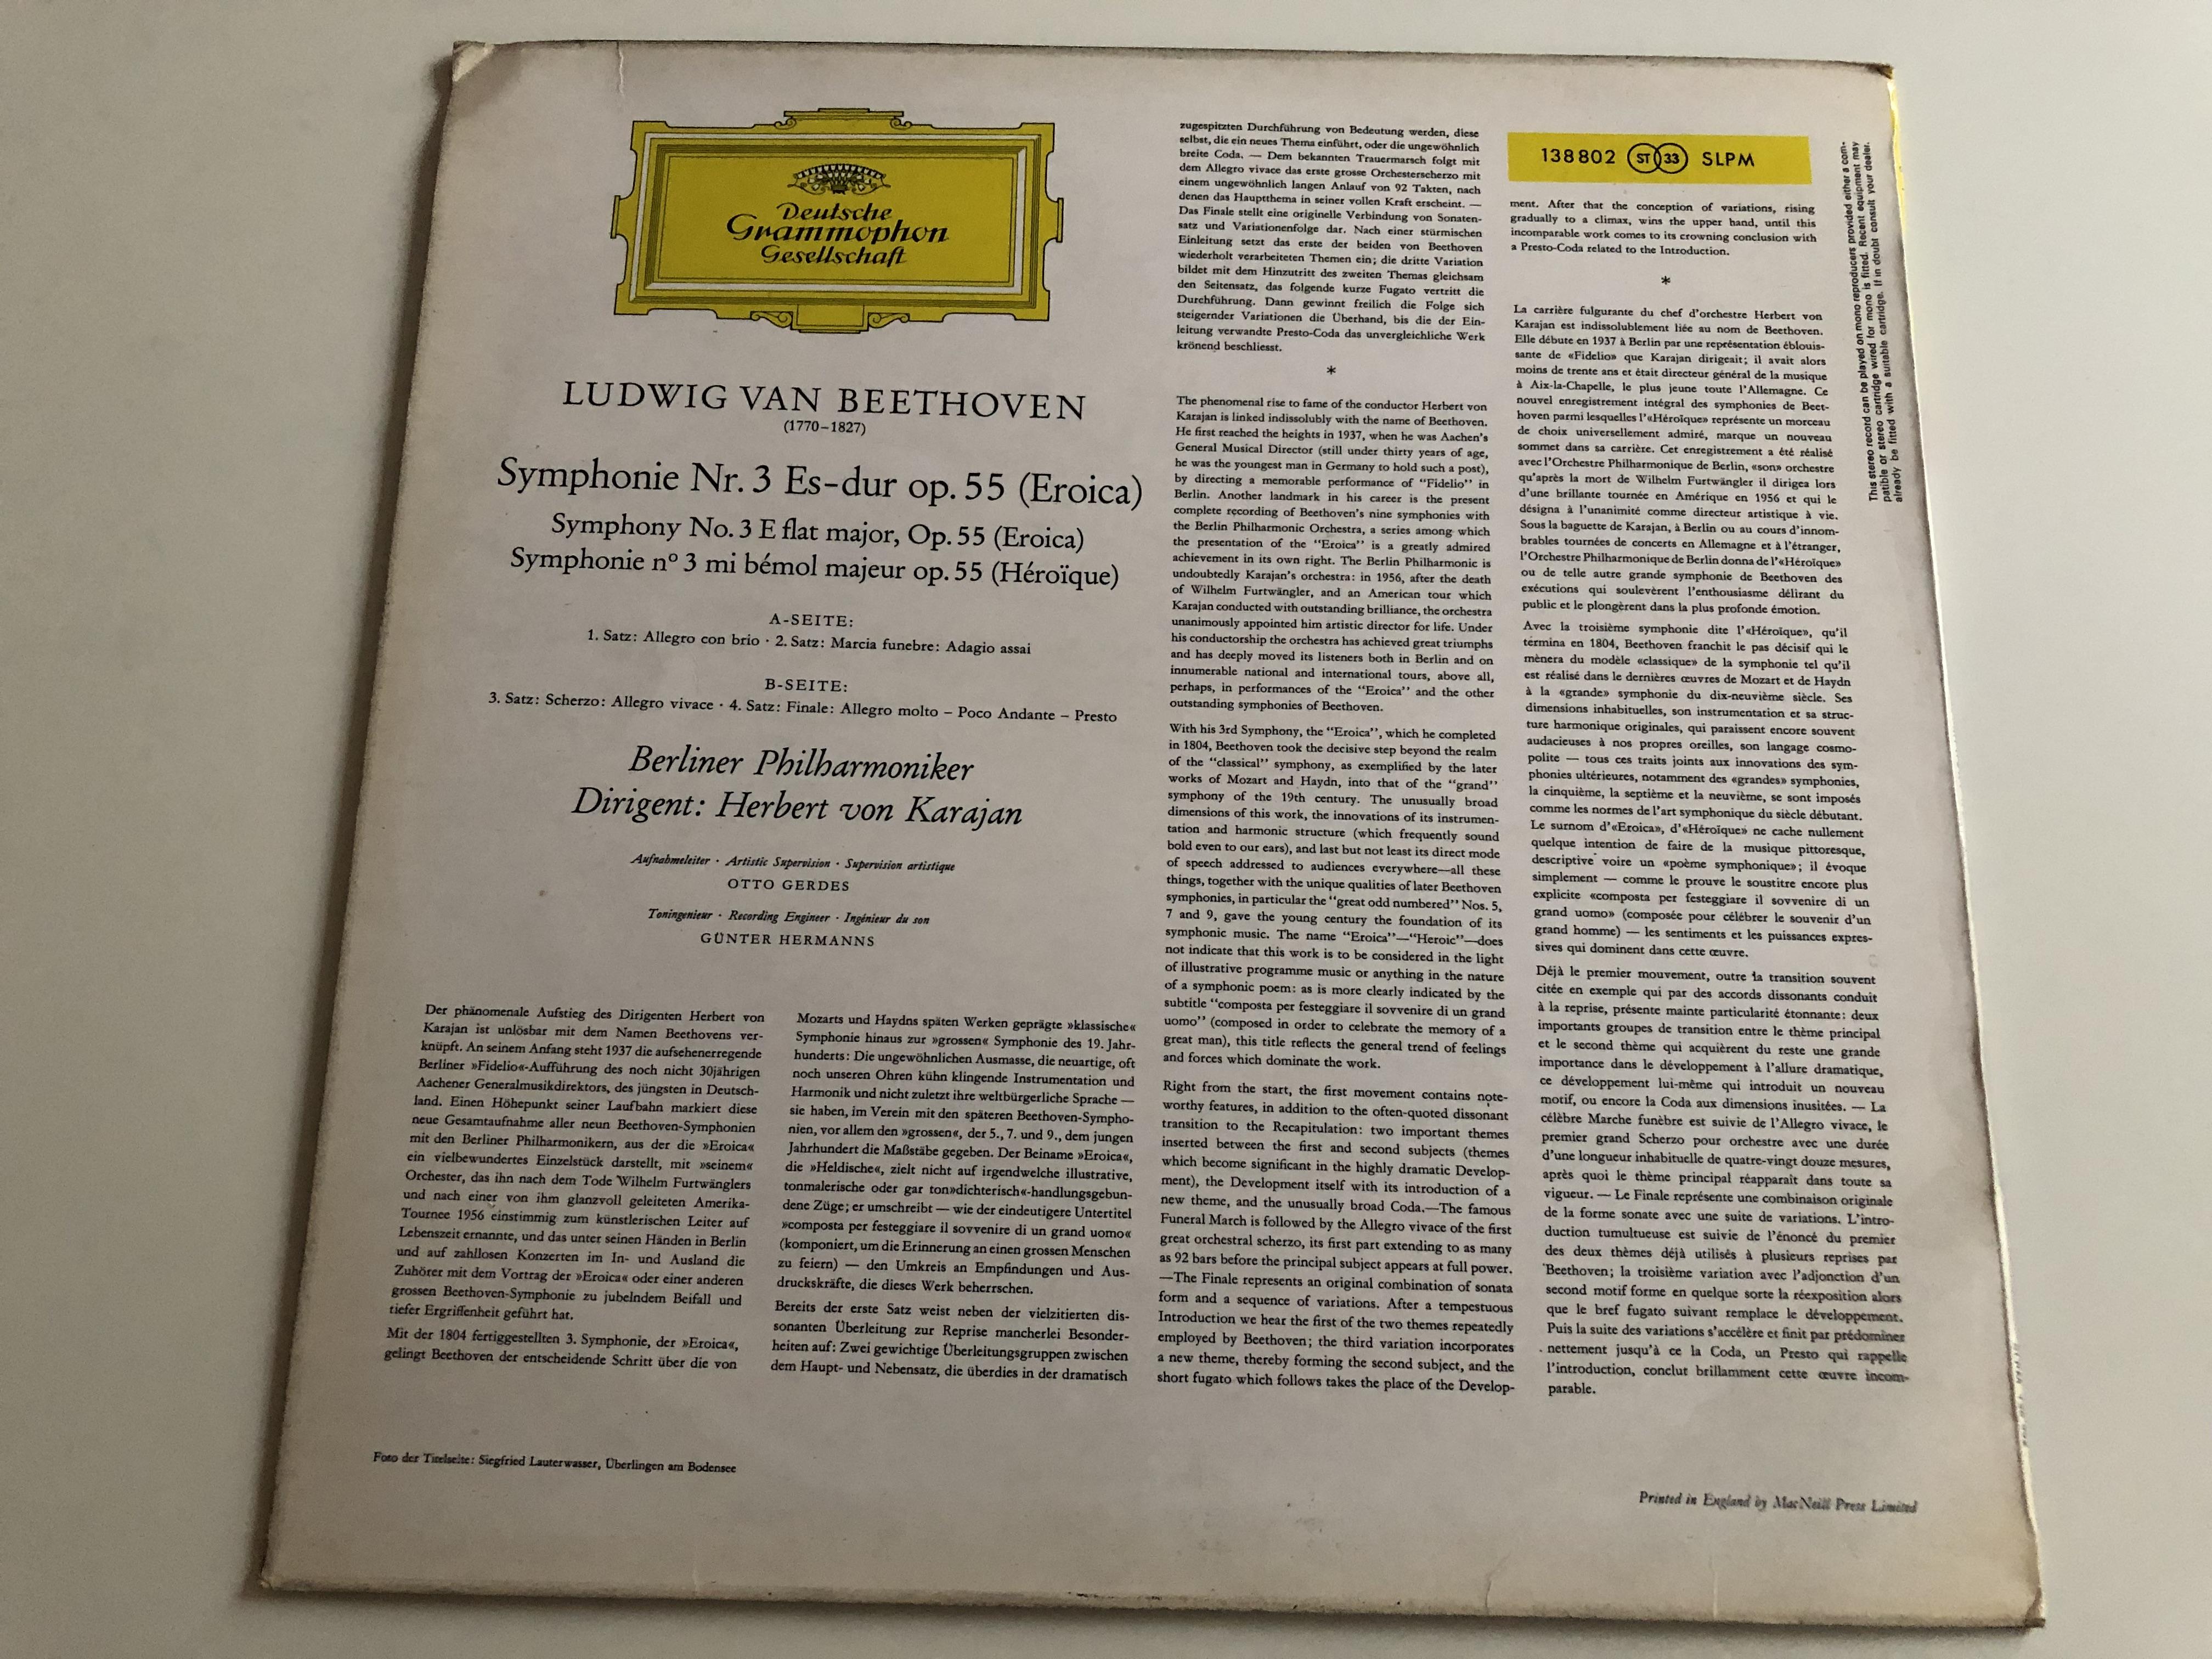 beethoven-eroica-berlin-philharmonic-conducted-herbert-von-karajan-deutsche-grammophon-lp-stereo-138-802-slpm-2-.jpg